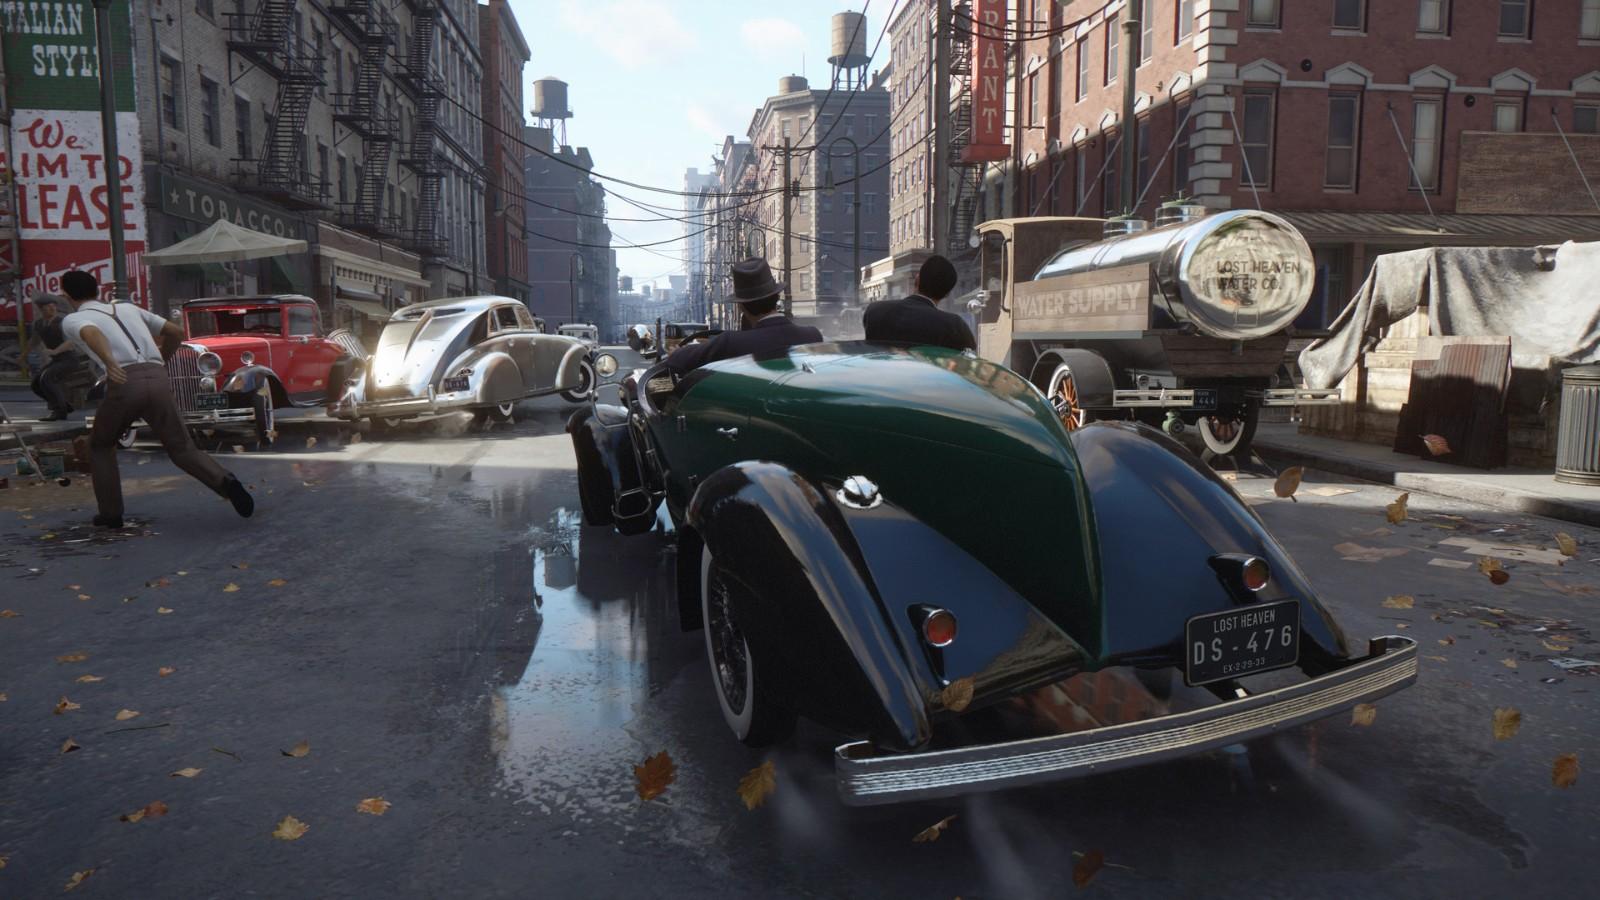 《四海兄弟:最终版》将有经典模式 模拟驾驶锁定 (2)